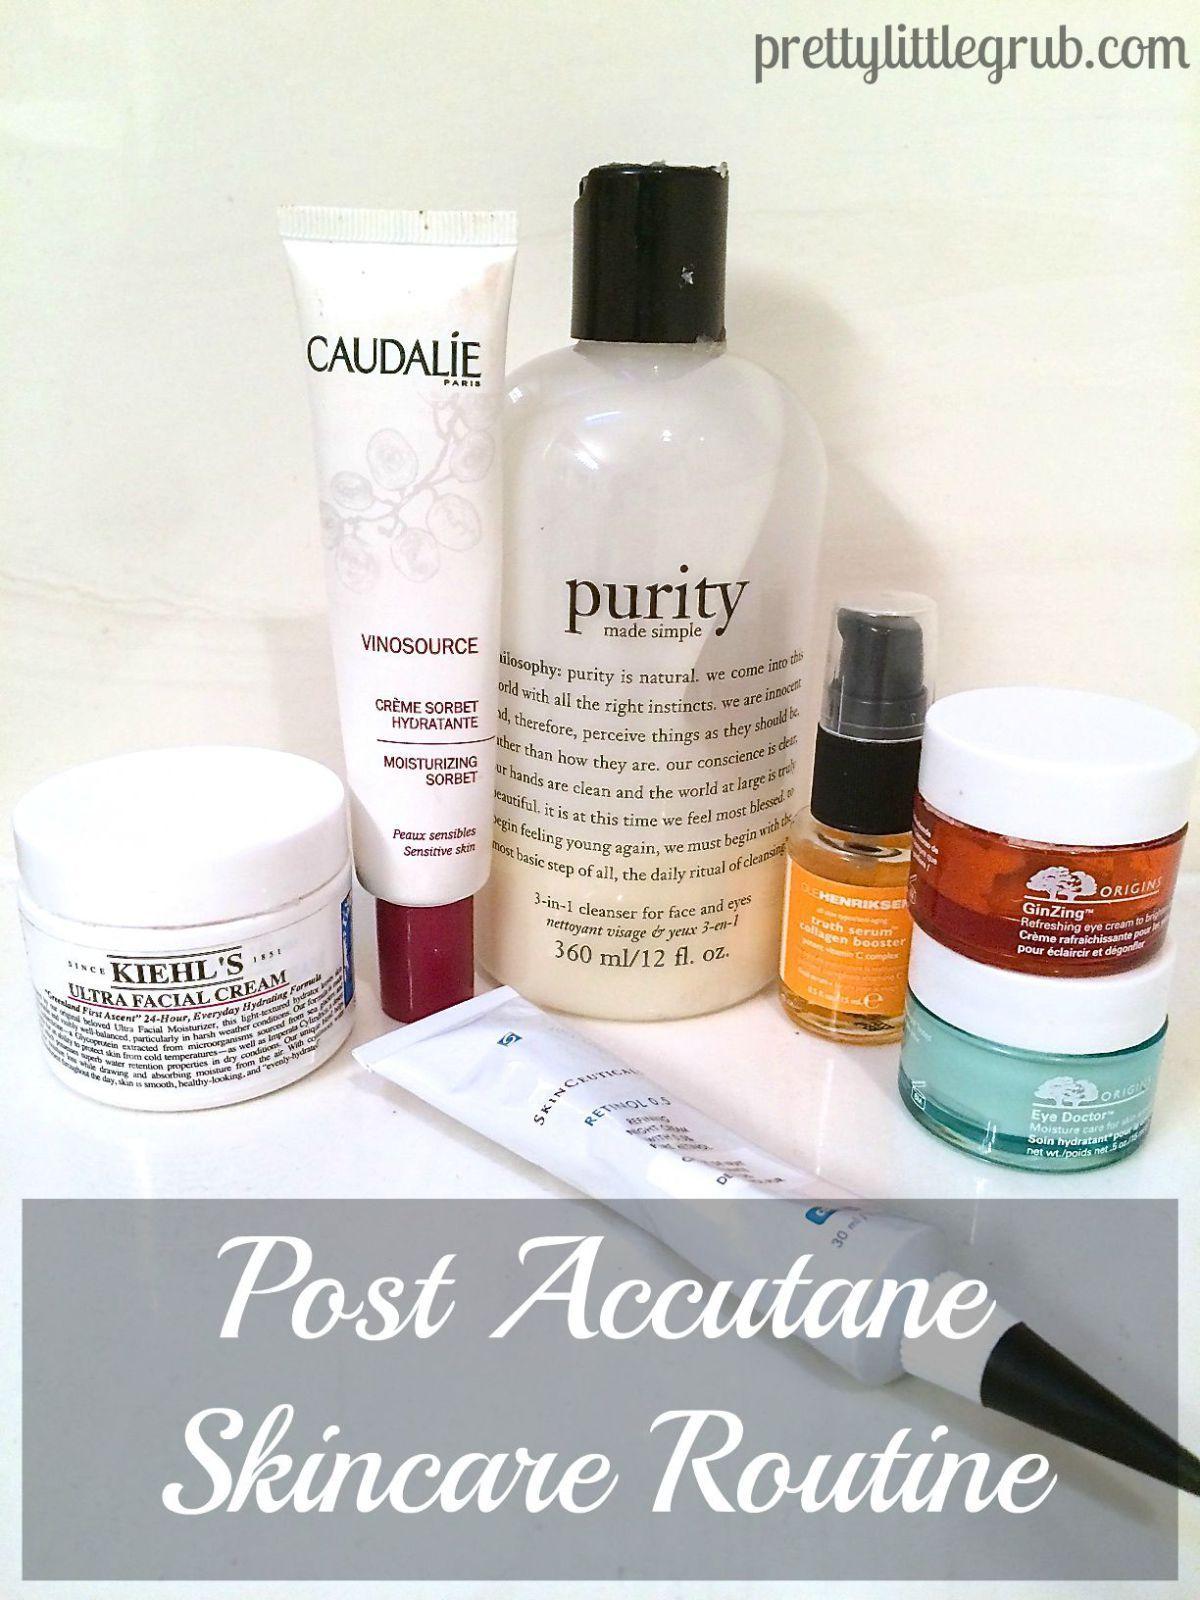 Post Accutane Update Skincare Routine Pretty Little Grub Skin Care Routine Skin Care Updated Skincare